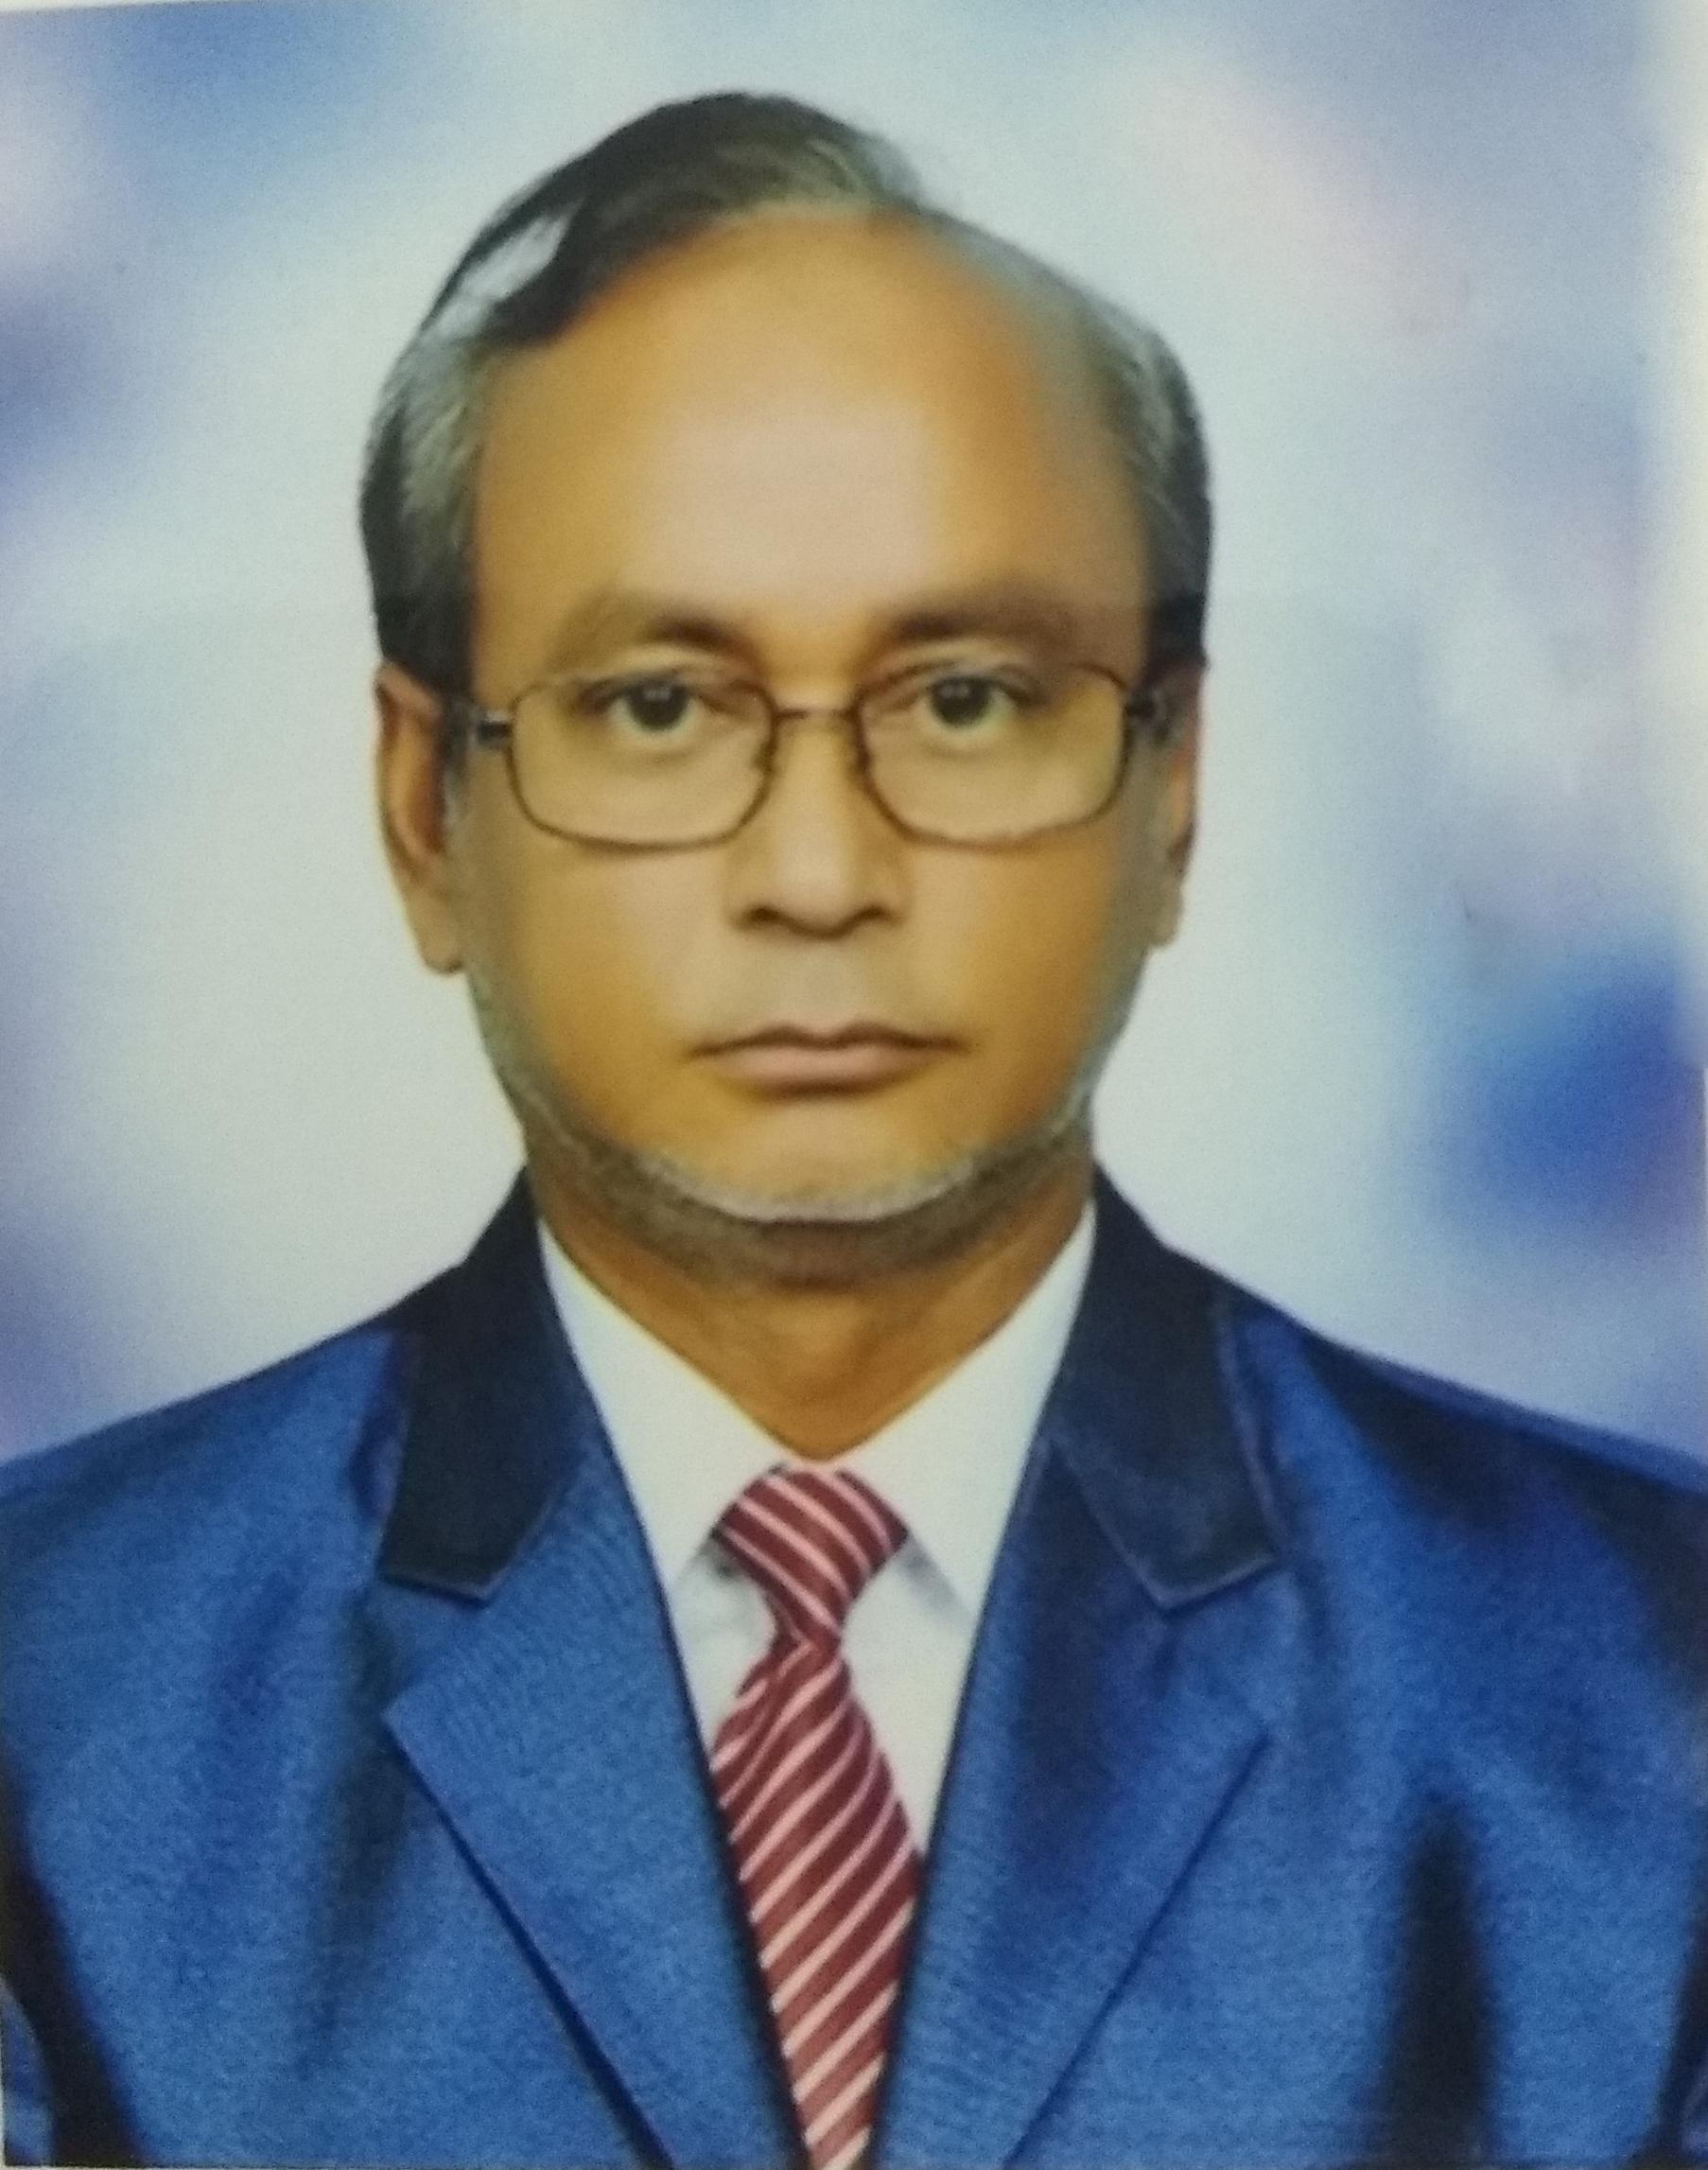 Mr. Mohammad Ismail Hossain Howlader